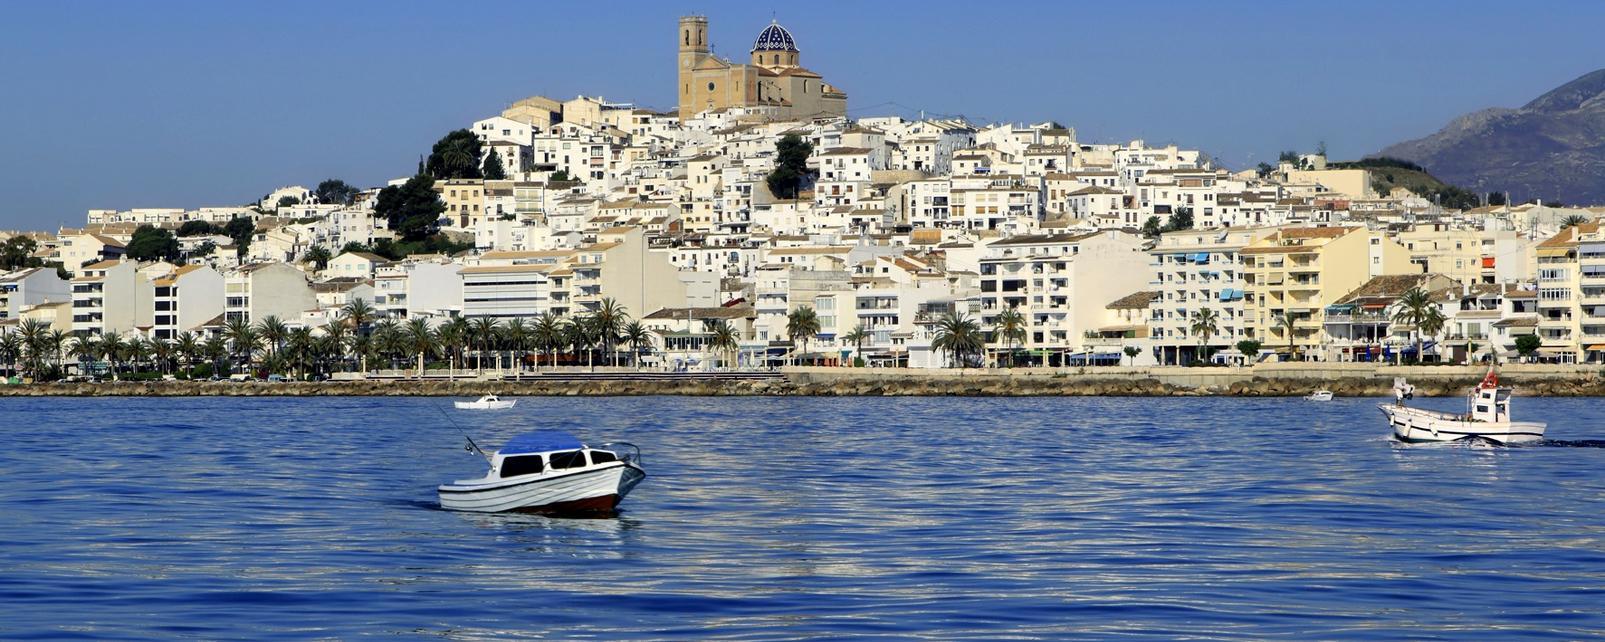 Hotels A Alicante En Espagne